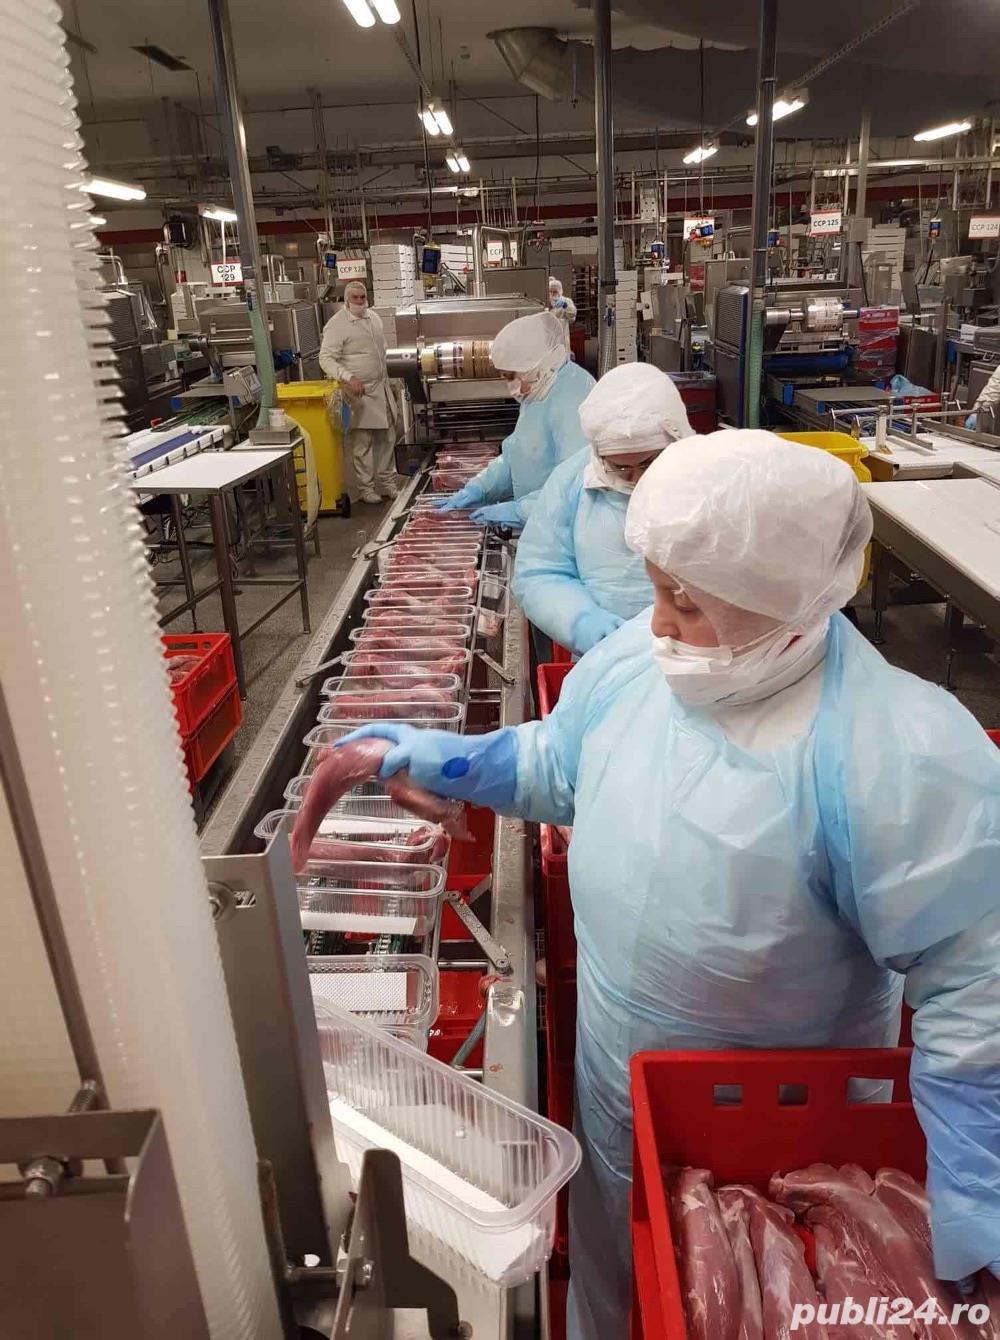 Se cauta urgent muncitori pt Germania 1000-1300 Euro/luna